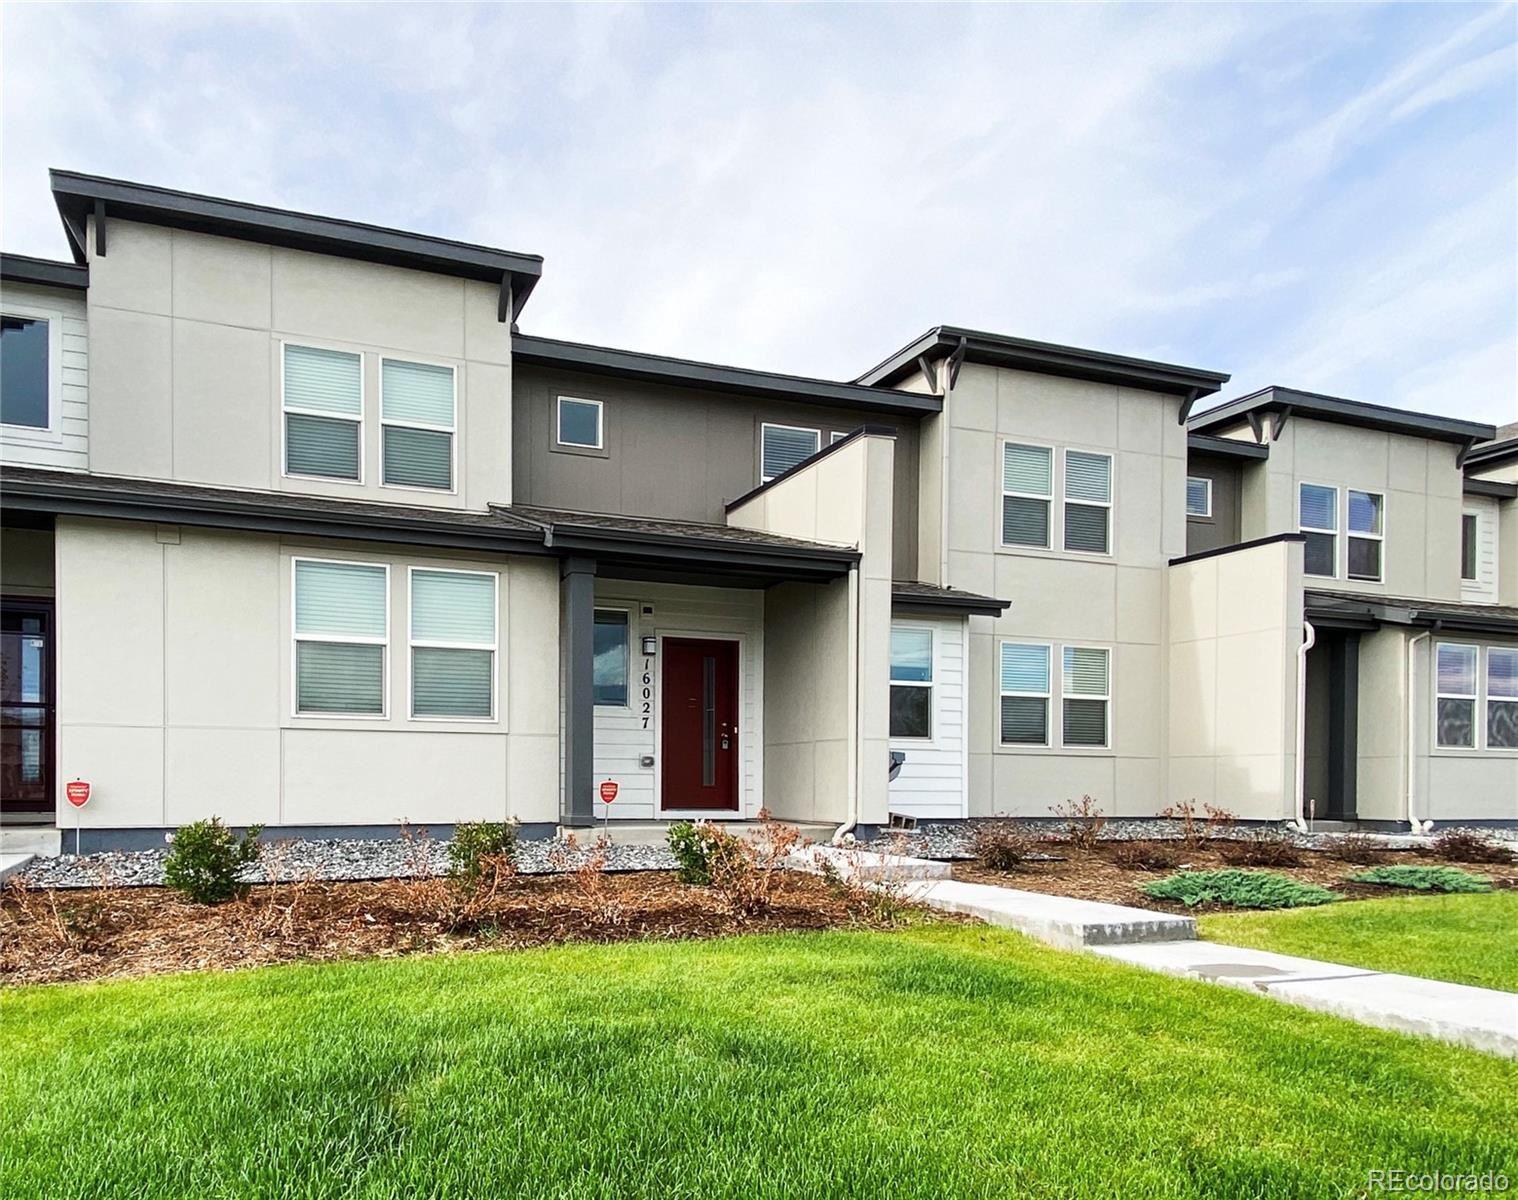 16027 E Elk Place, Denver, CO 80239 - #: 7603698